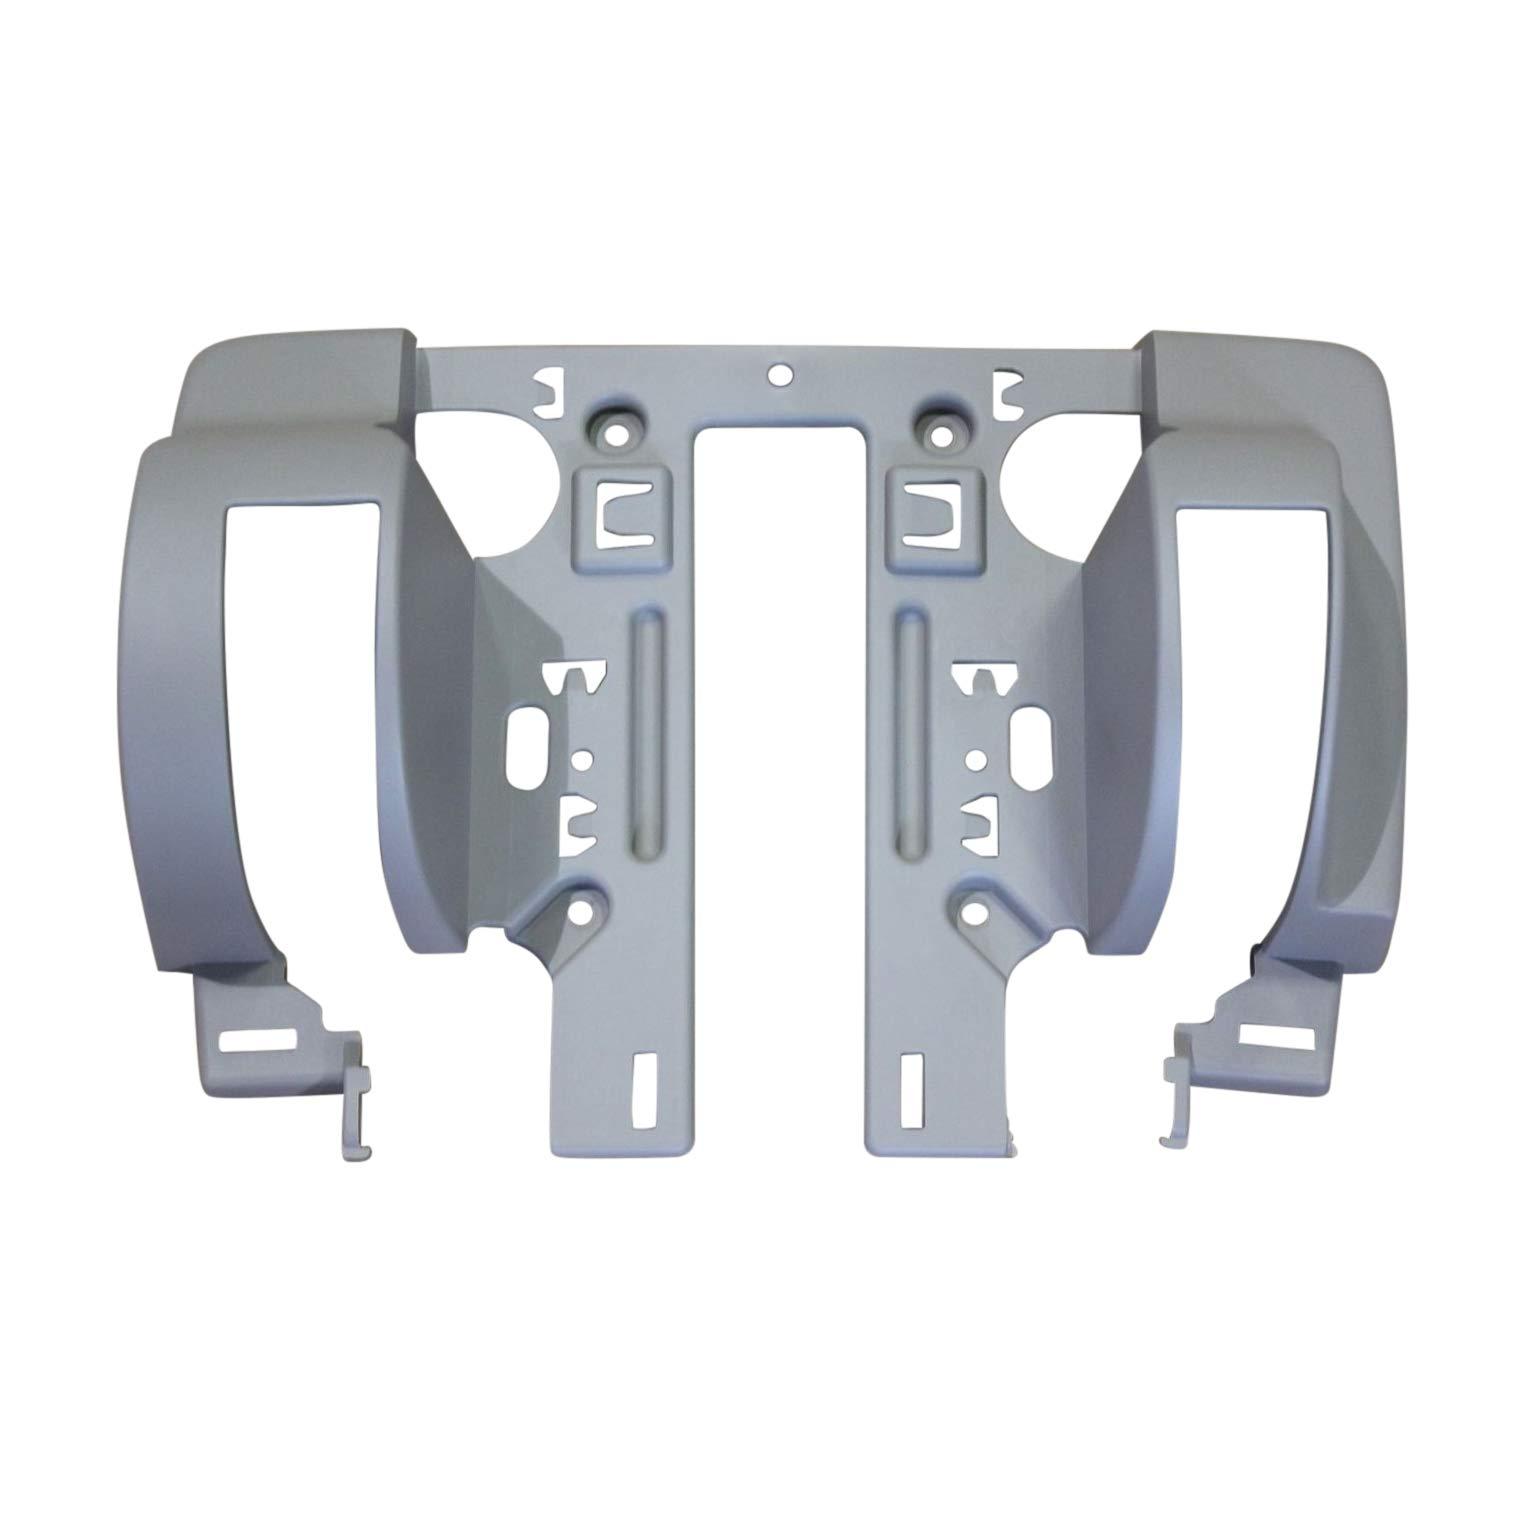 Ford GL1Z-7863388-EC - Shield